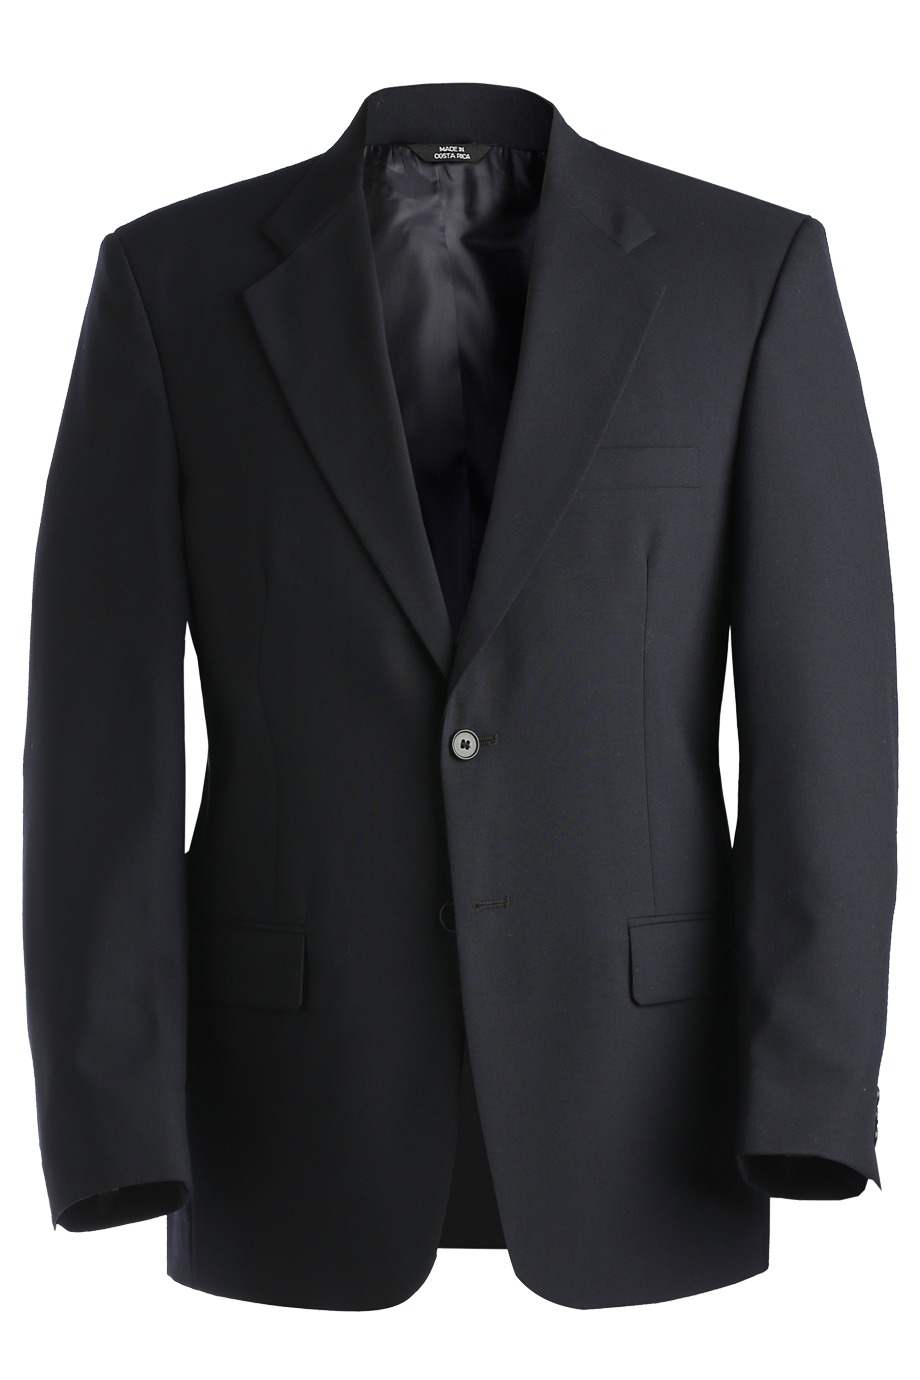 Edwards Garment 3680 - Suit Coat